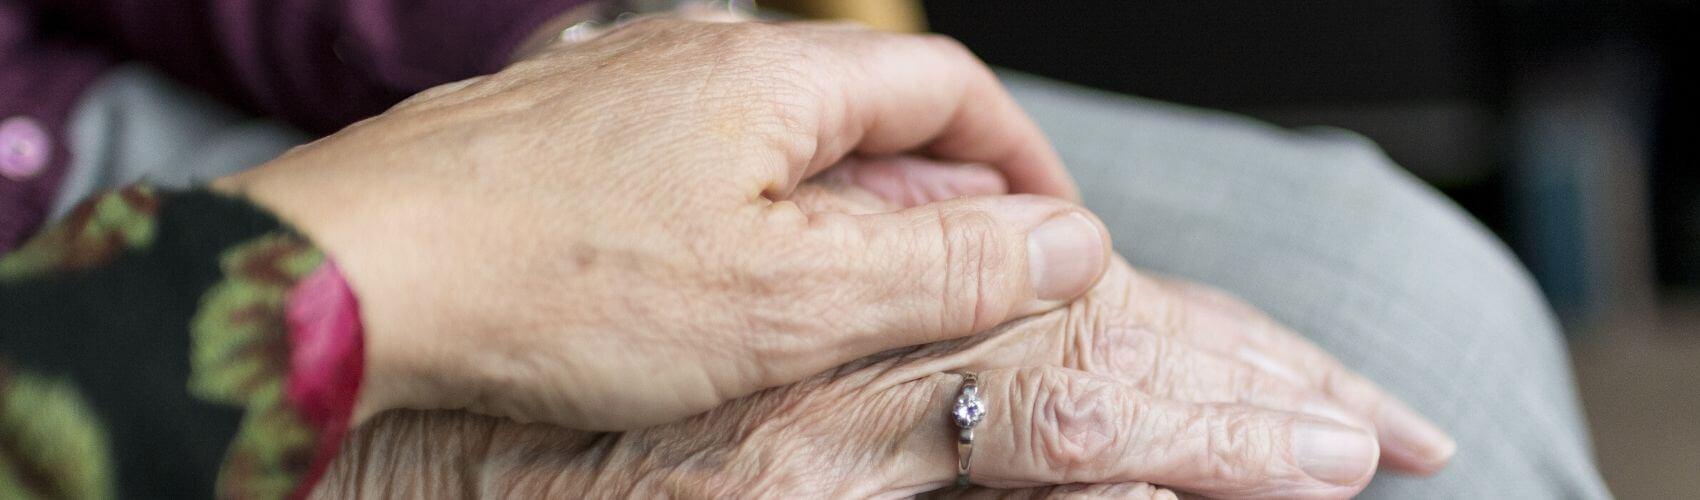 Trötthet och illamående under cancerbehandling